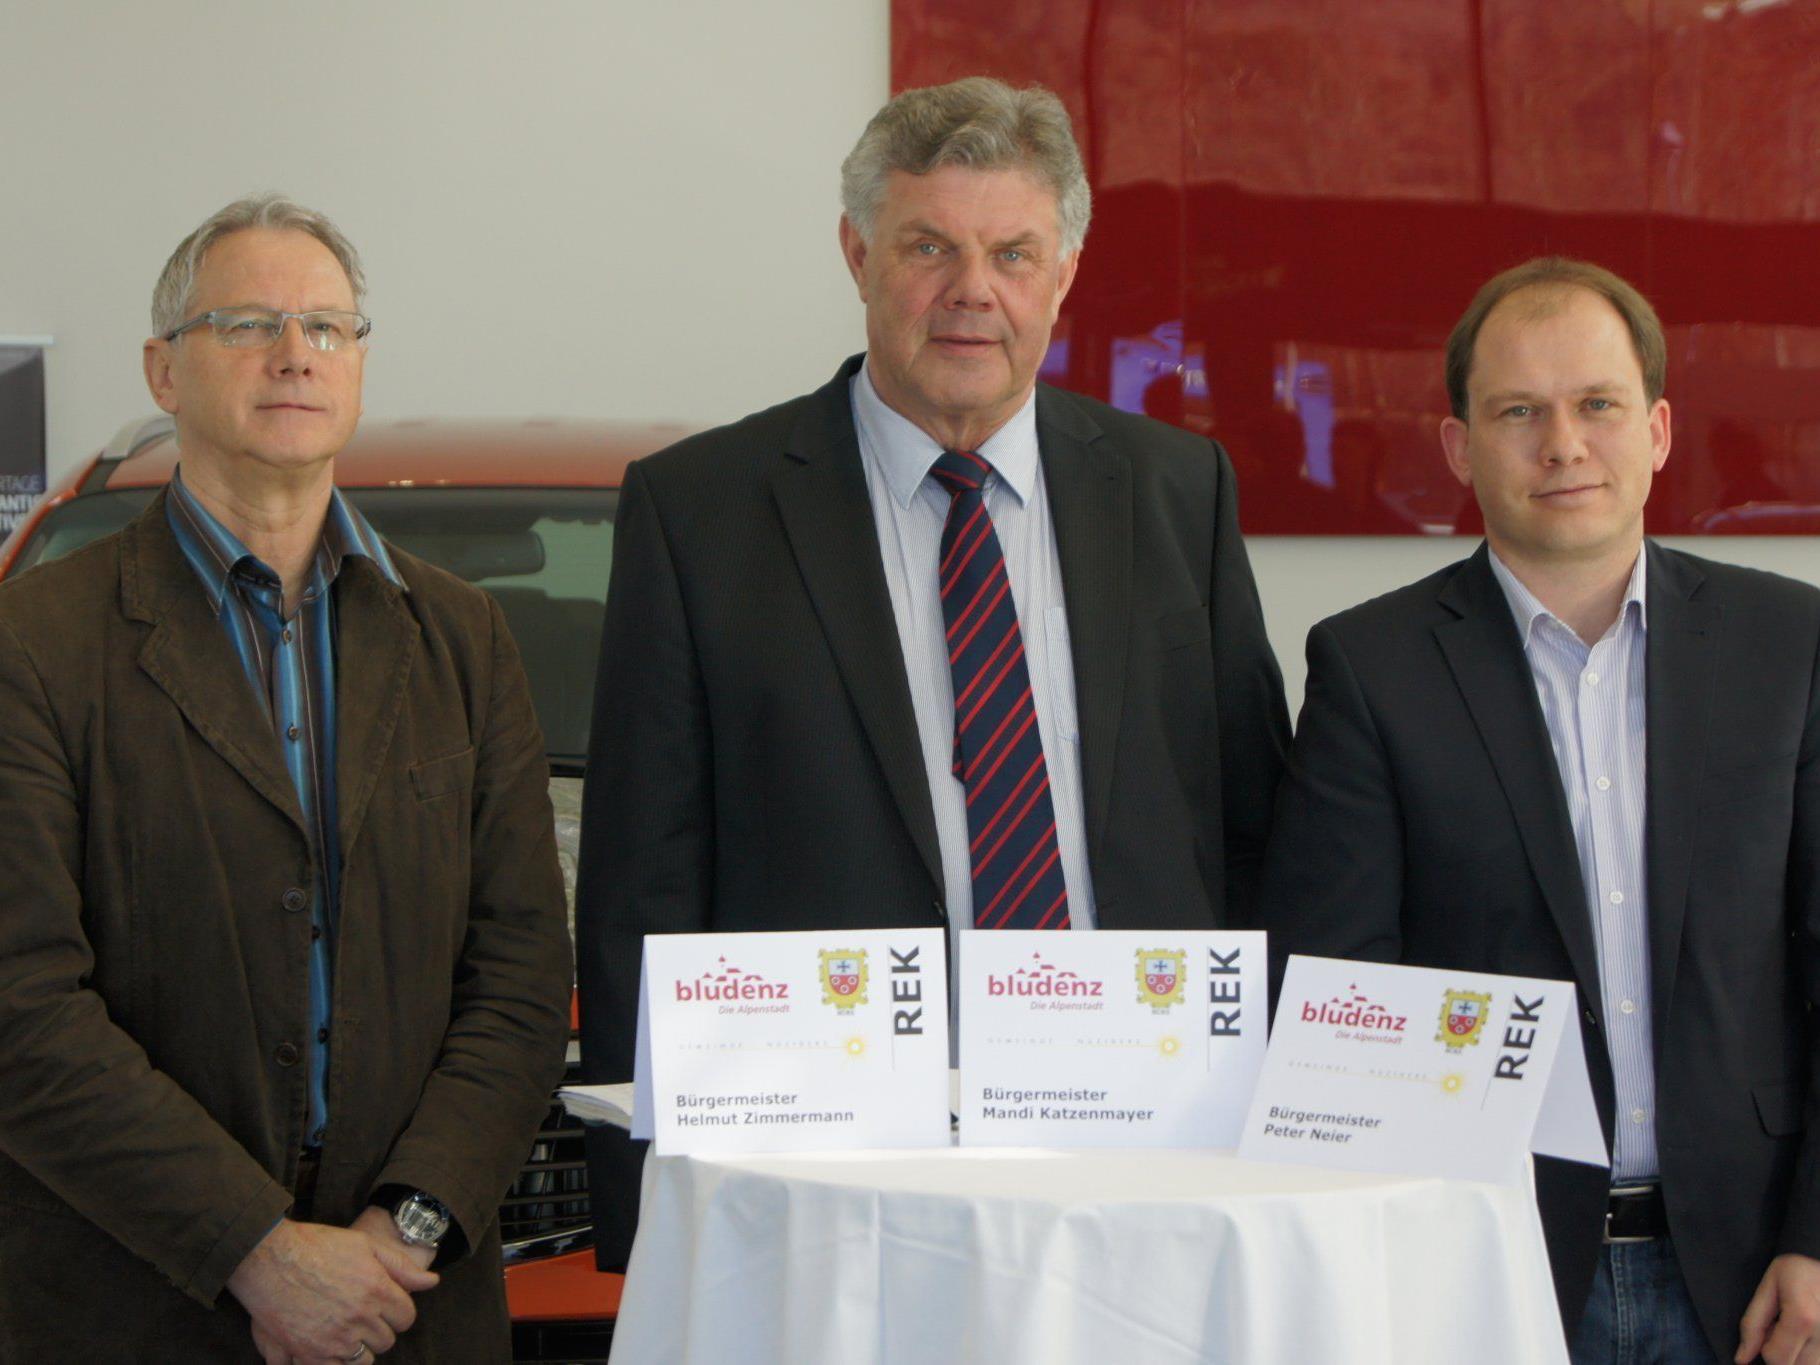 Die drei Bürgermeister aus Bürs, Bludenz und Nüziders planen ein neues Entwicklungskonzept.